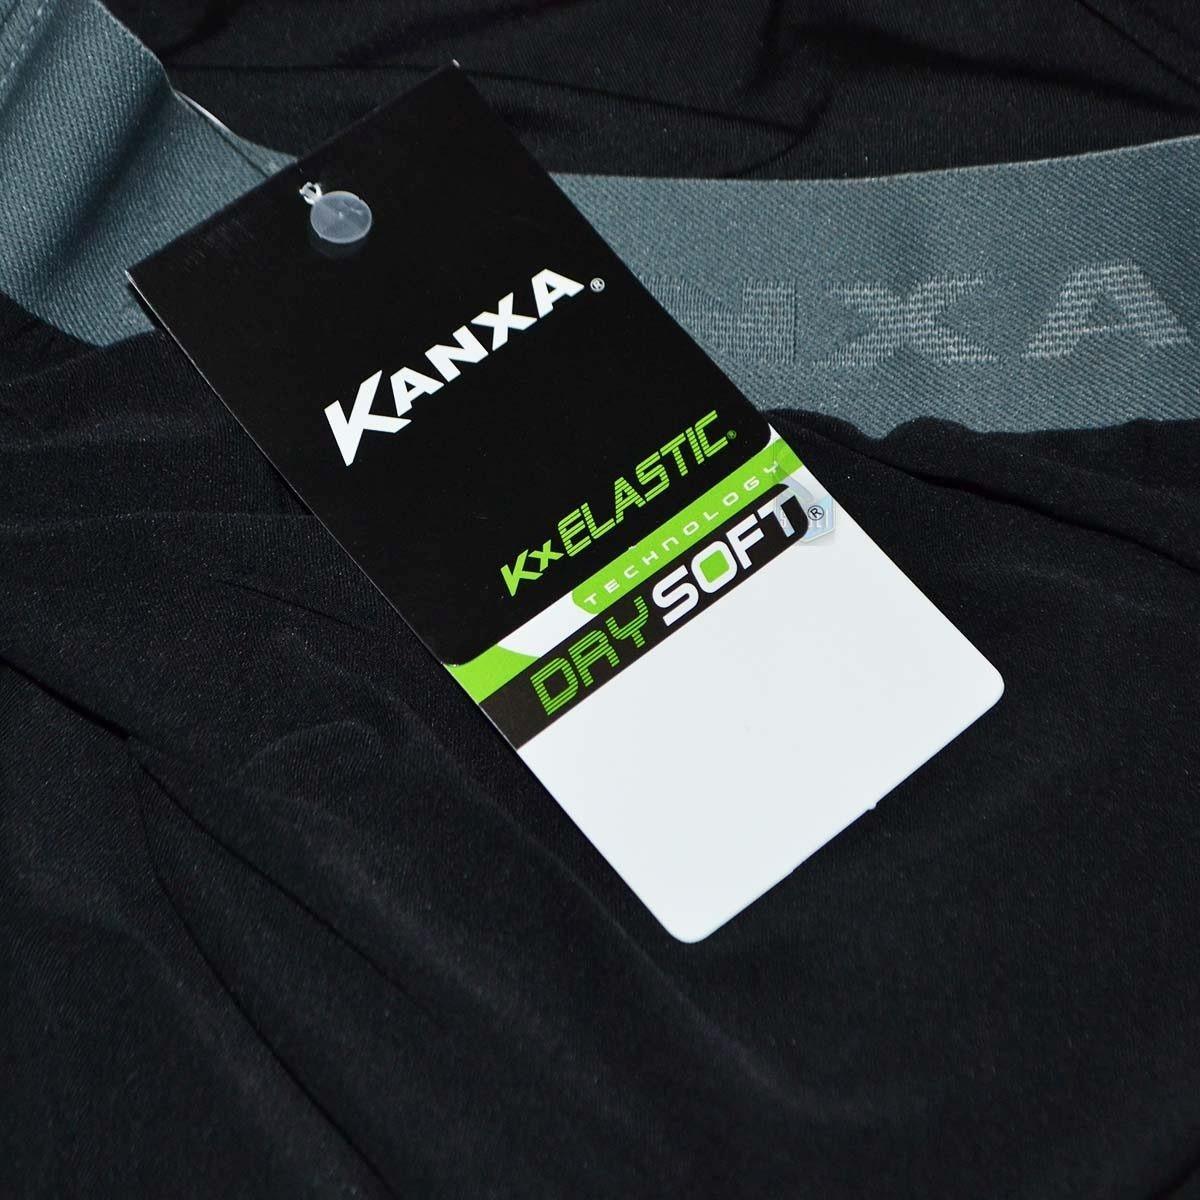 c4c1bae26 calça térmica masculina kanxa compressão dry soft fr. grátis. Carregando  zoom.